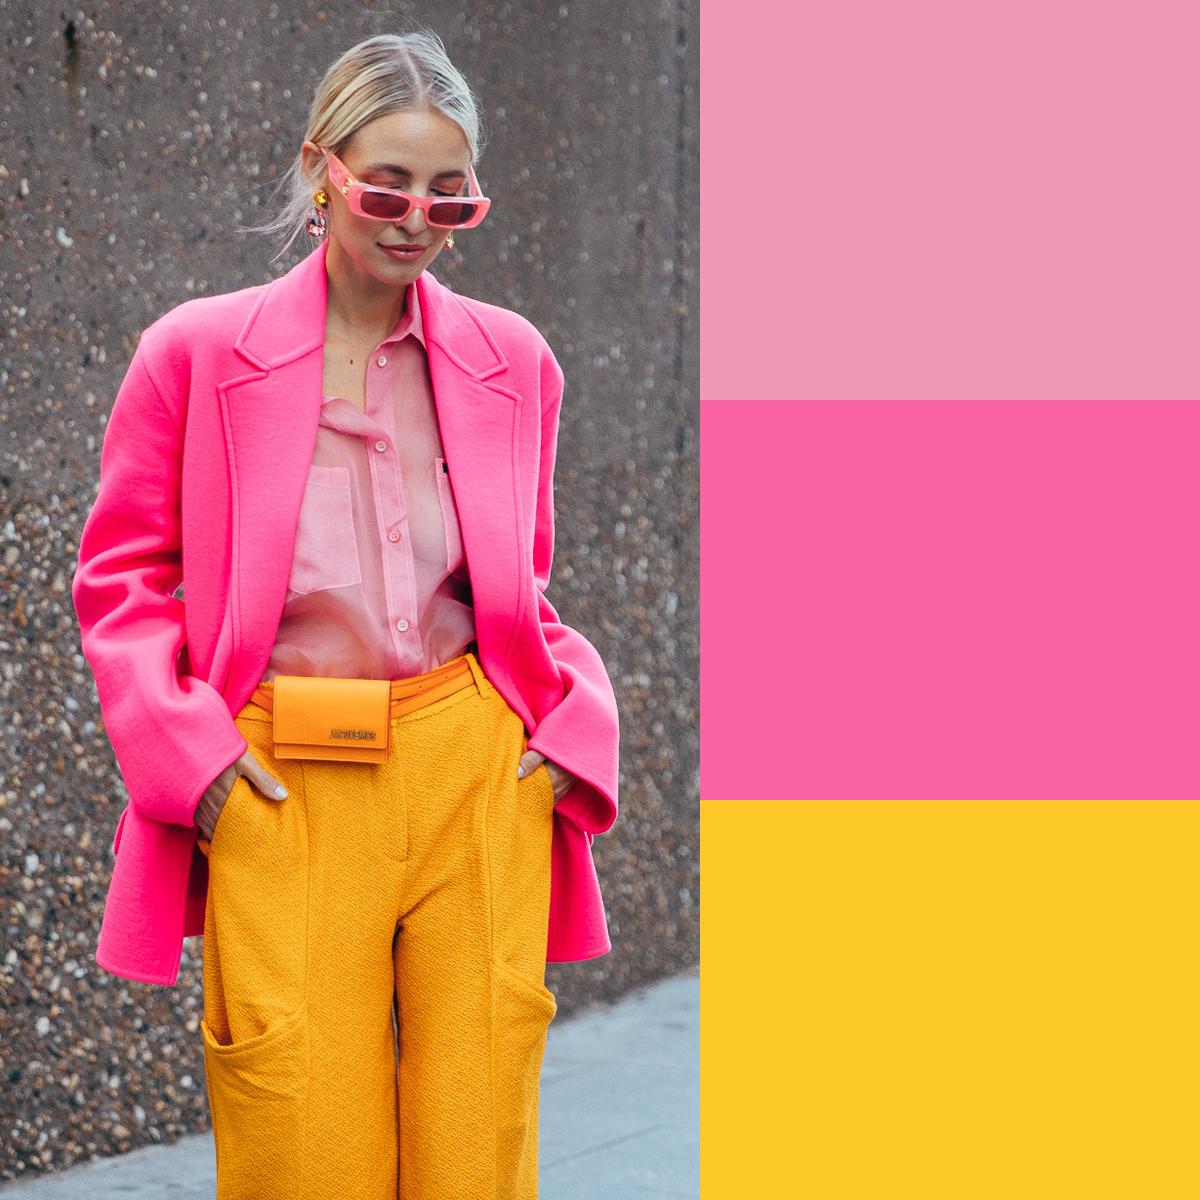 Cách phối màu quần áo mùa hè với hồng và vàng tươi